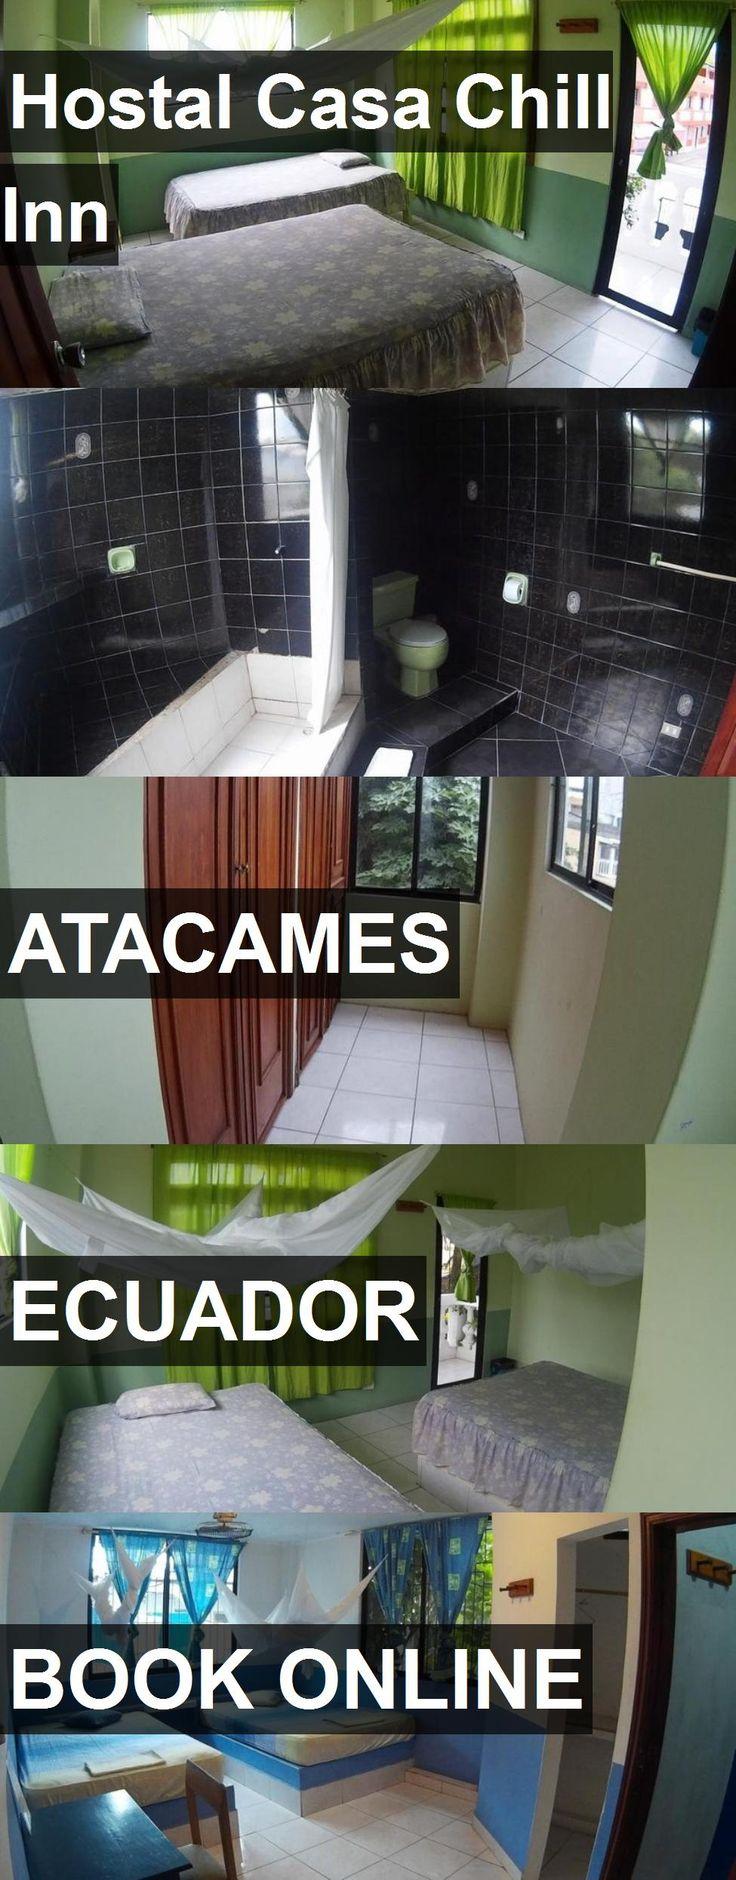 Hotel Hostal Casa Chill Inn in Atacames, Ecuador. For more information, photos, reviews and best prices please follow the link. #Ecuador #Atacames #HostalCasaChillInn #hotel #travel #vacation